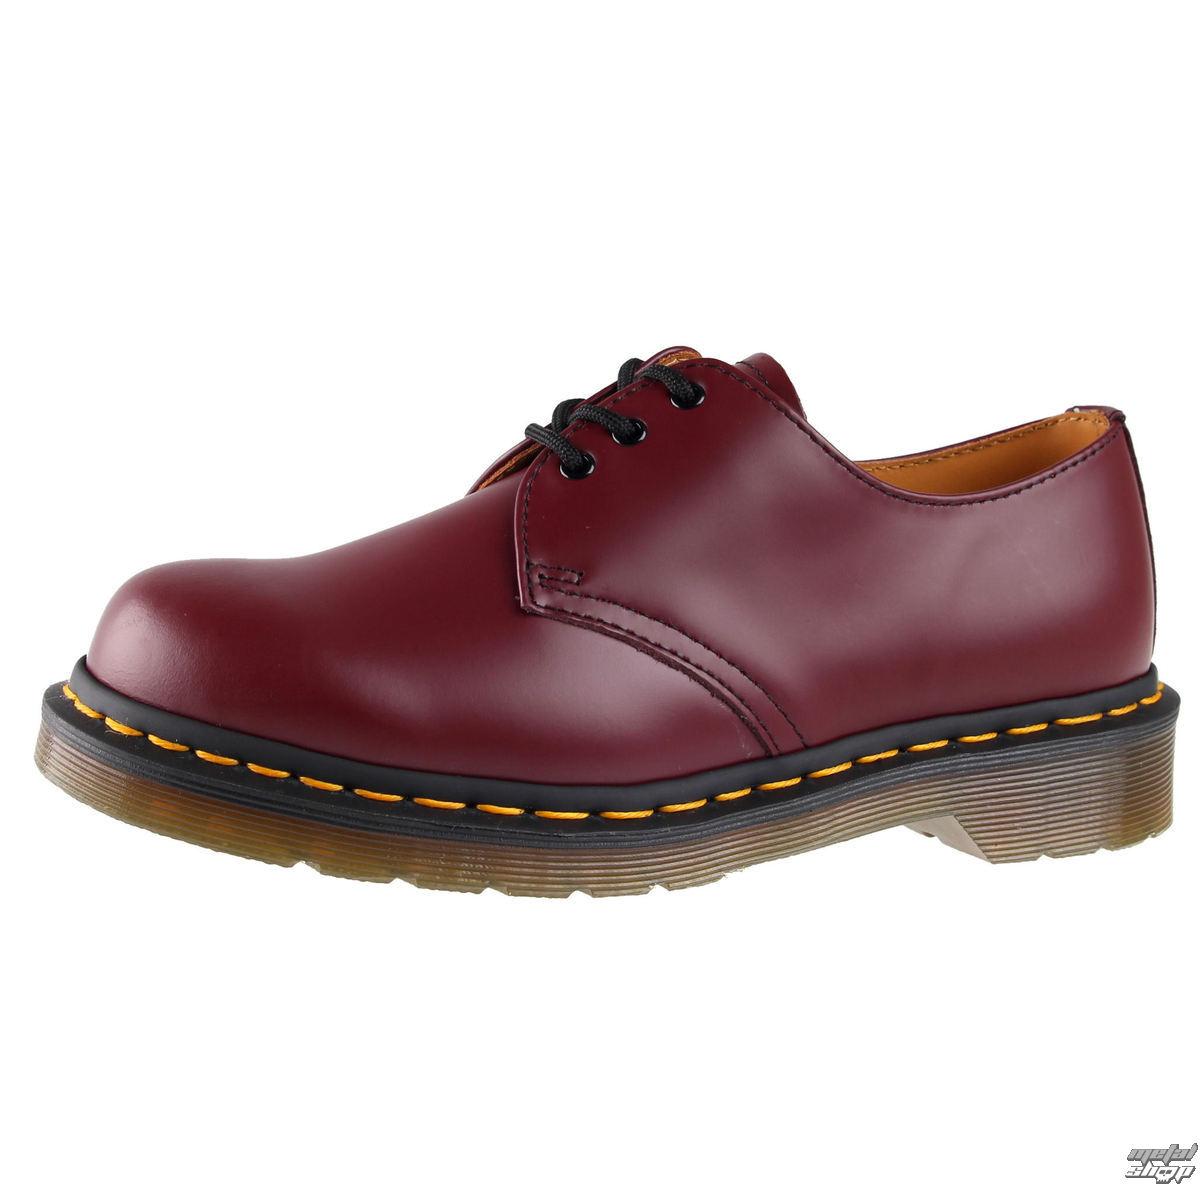 shoes Dr. Martens - 3-holes - DM 1461 59 - CHERRY RED SMOOTH - DM10085600 -  metal-shop.eu ced3e695f319